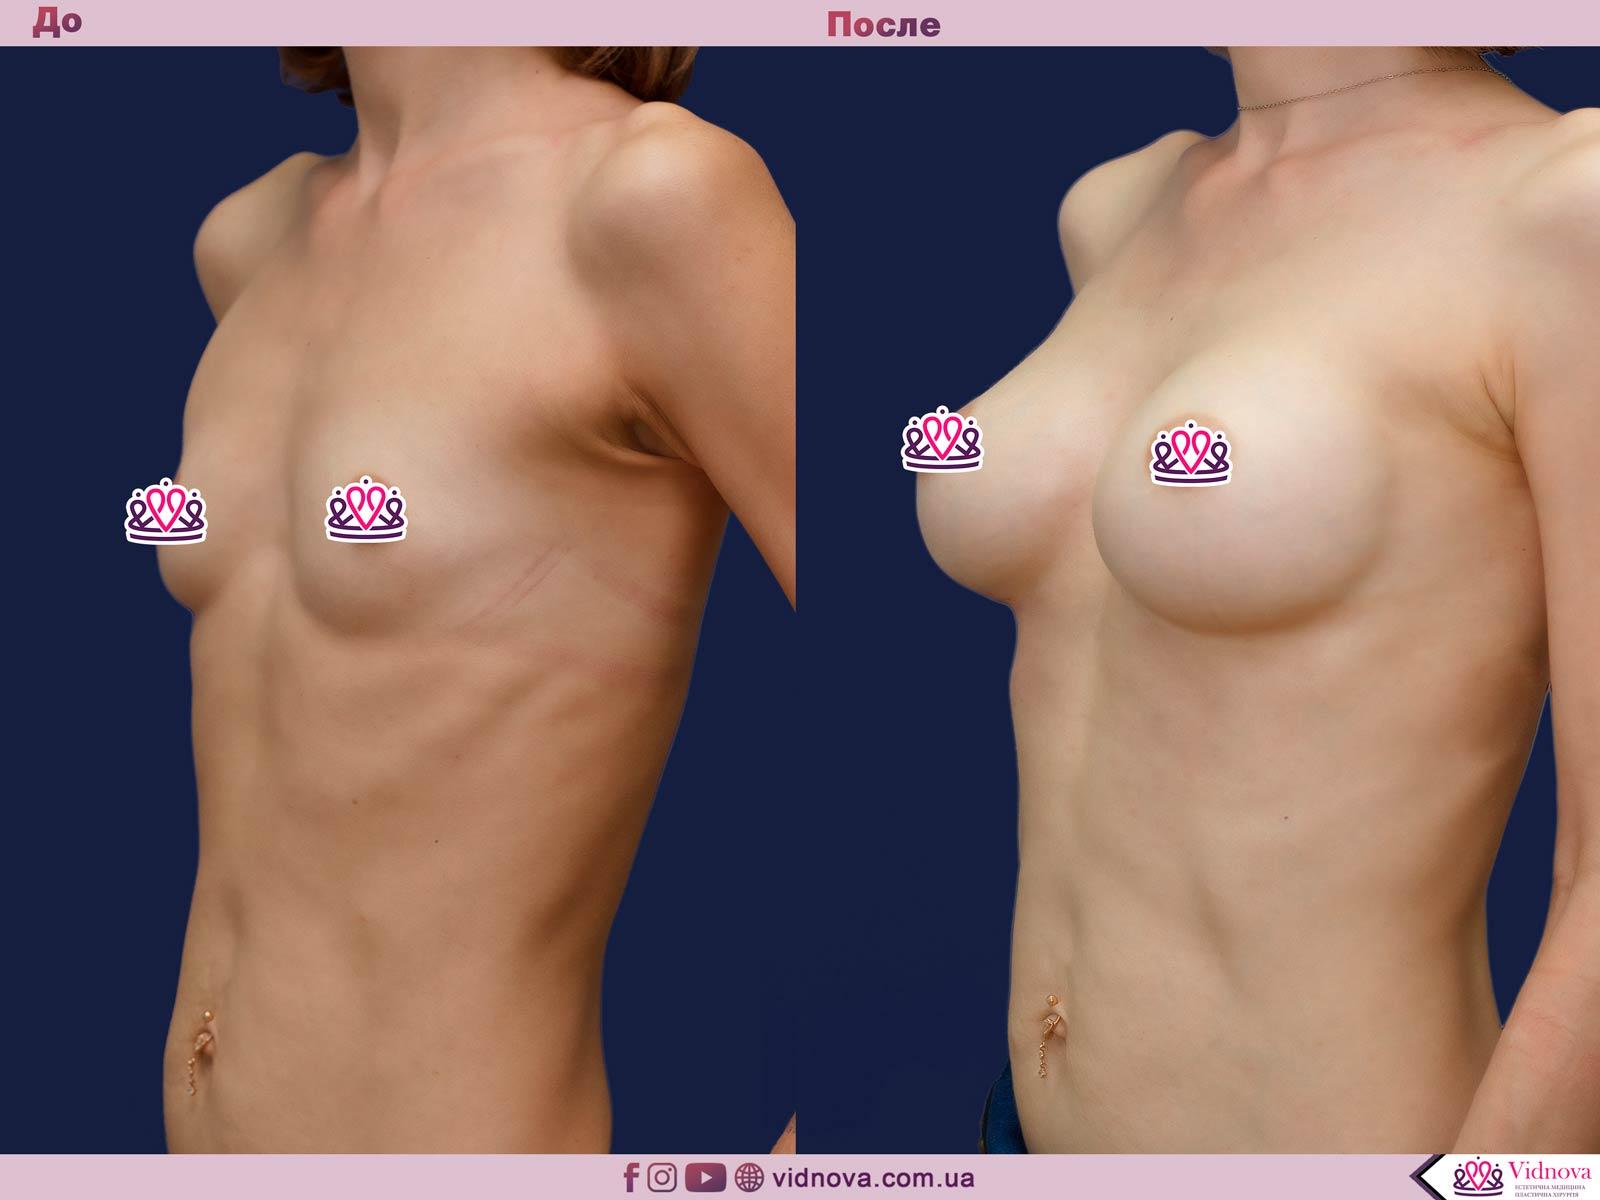 Пластика груди: результаты до и после - Пример №37-1 - Светлана Работенко